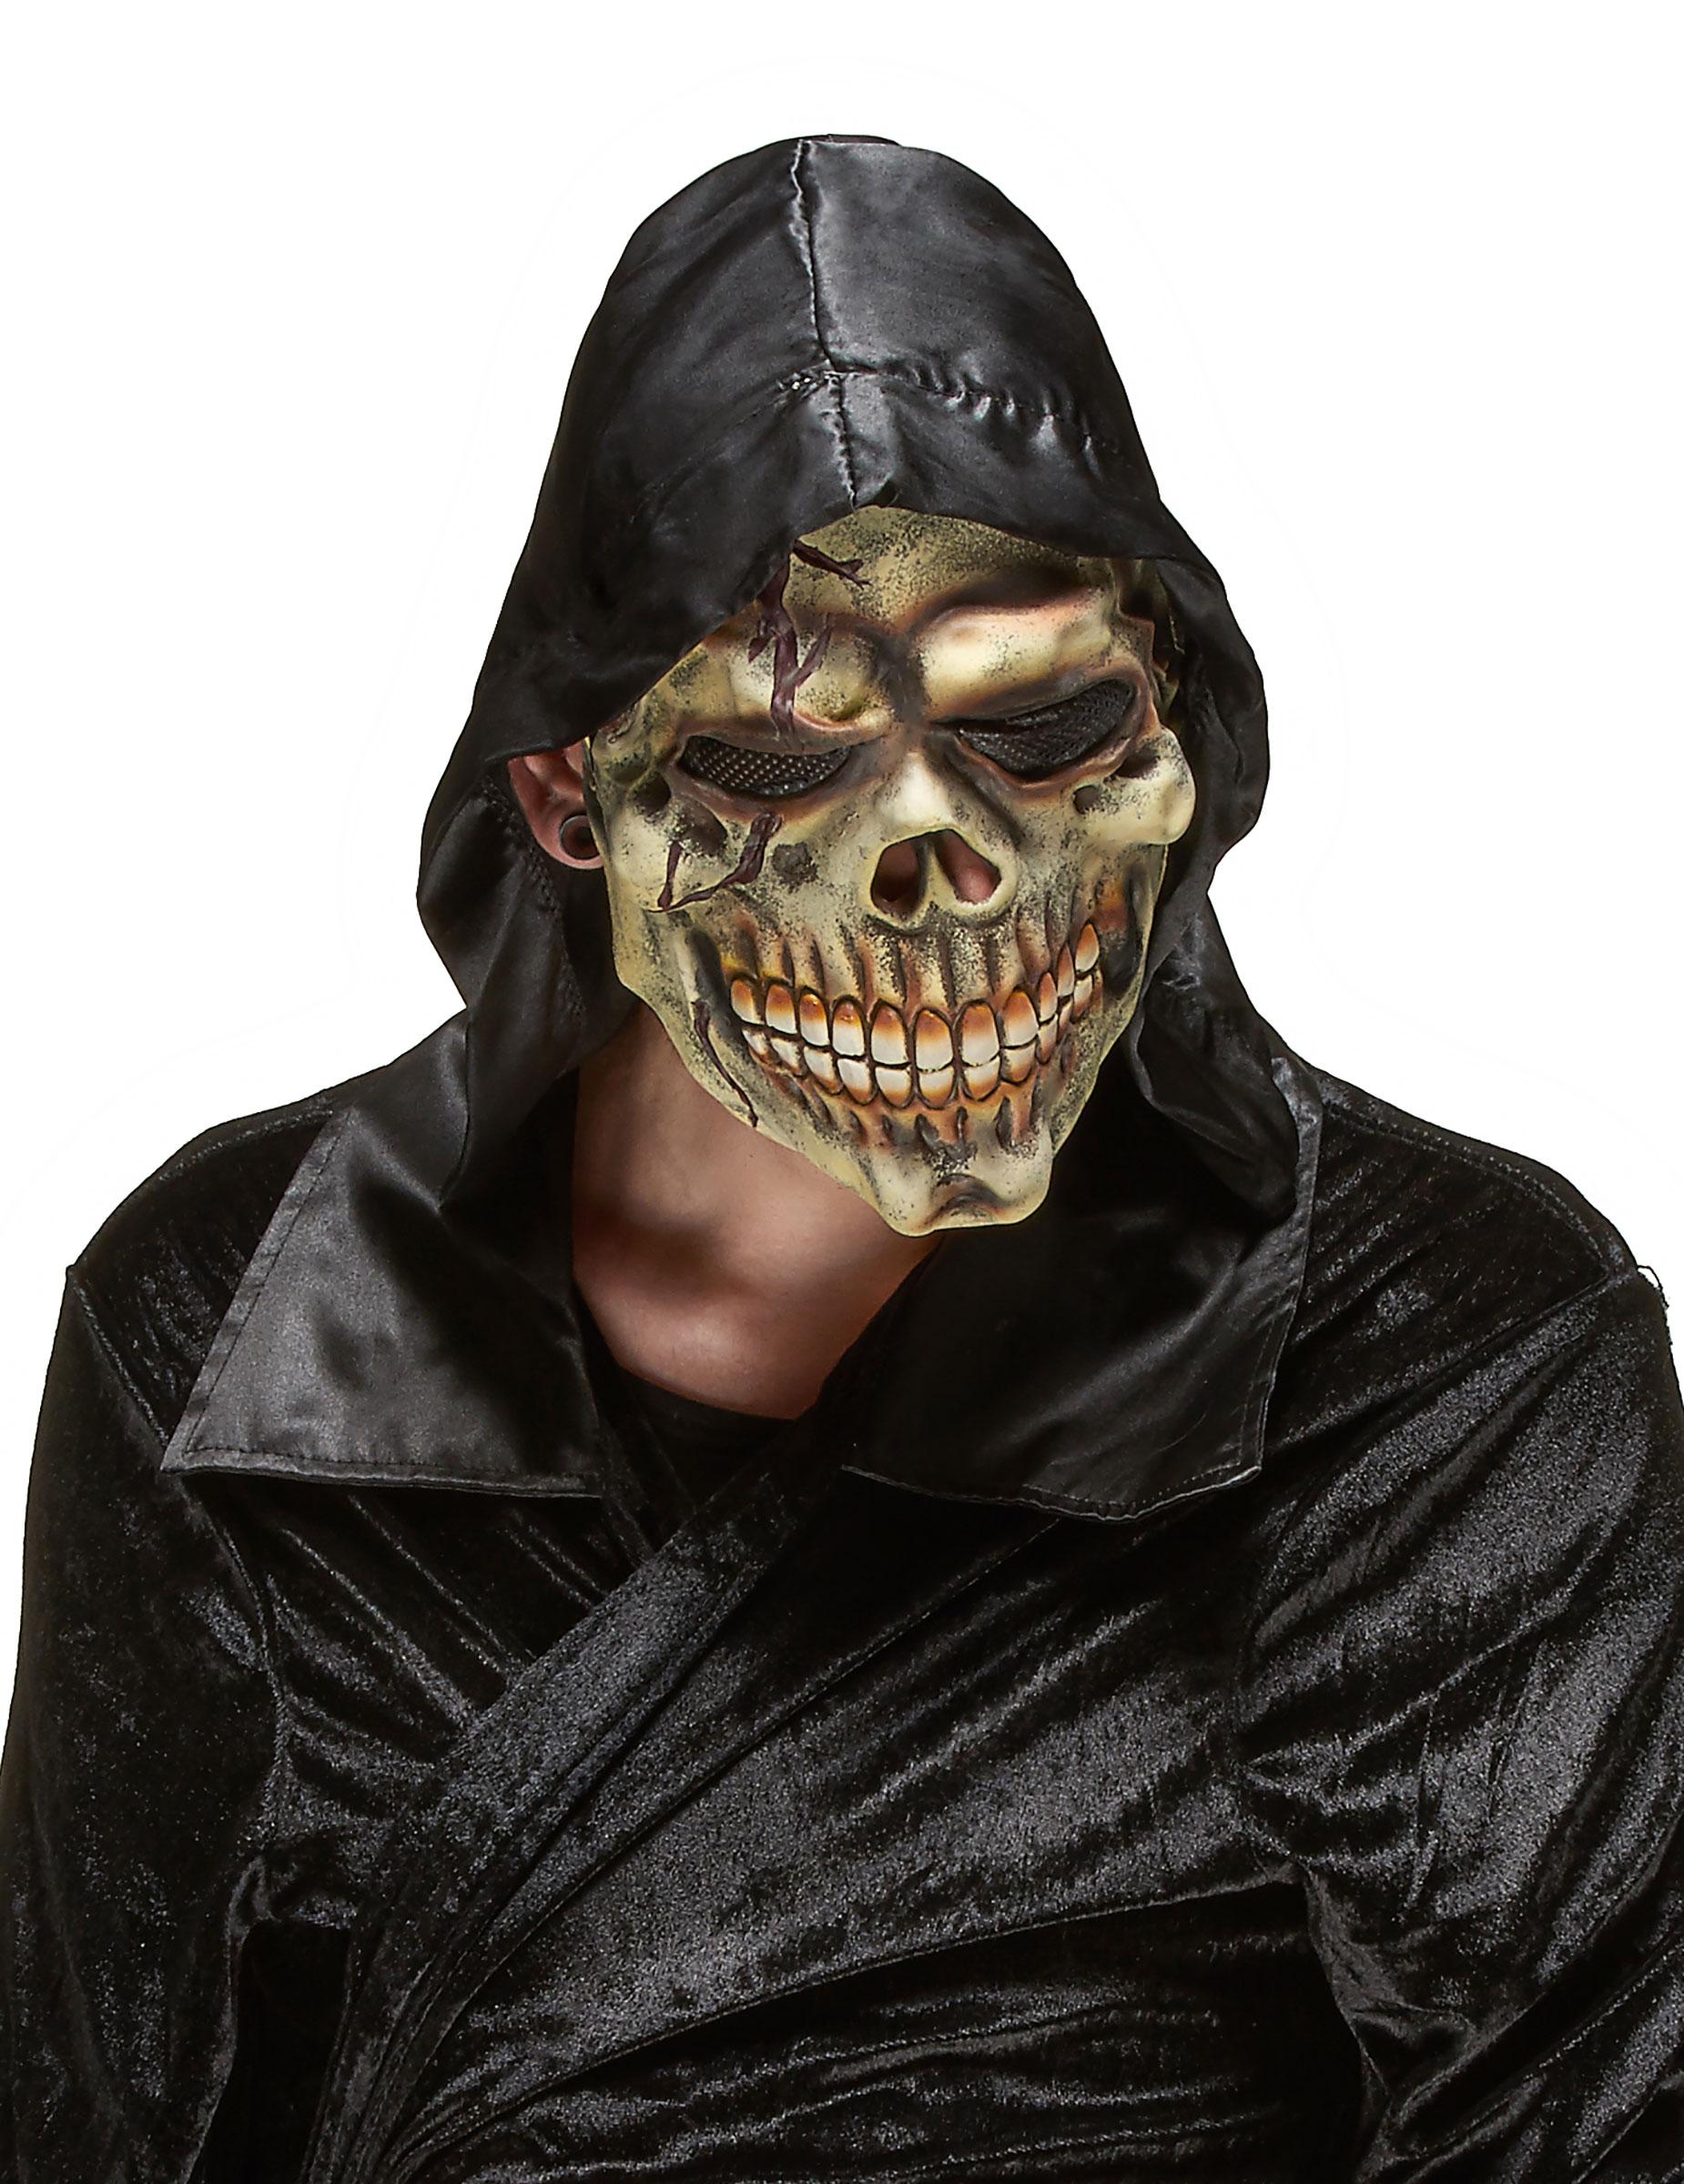 halloween maske aus latex f r erwachsene masken und. Black Bedroom Furniture Sets. Home Design Ideas